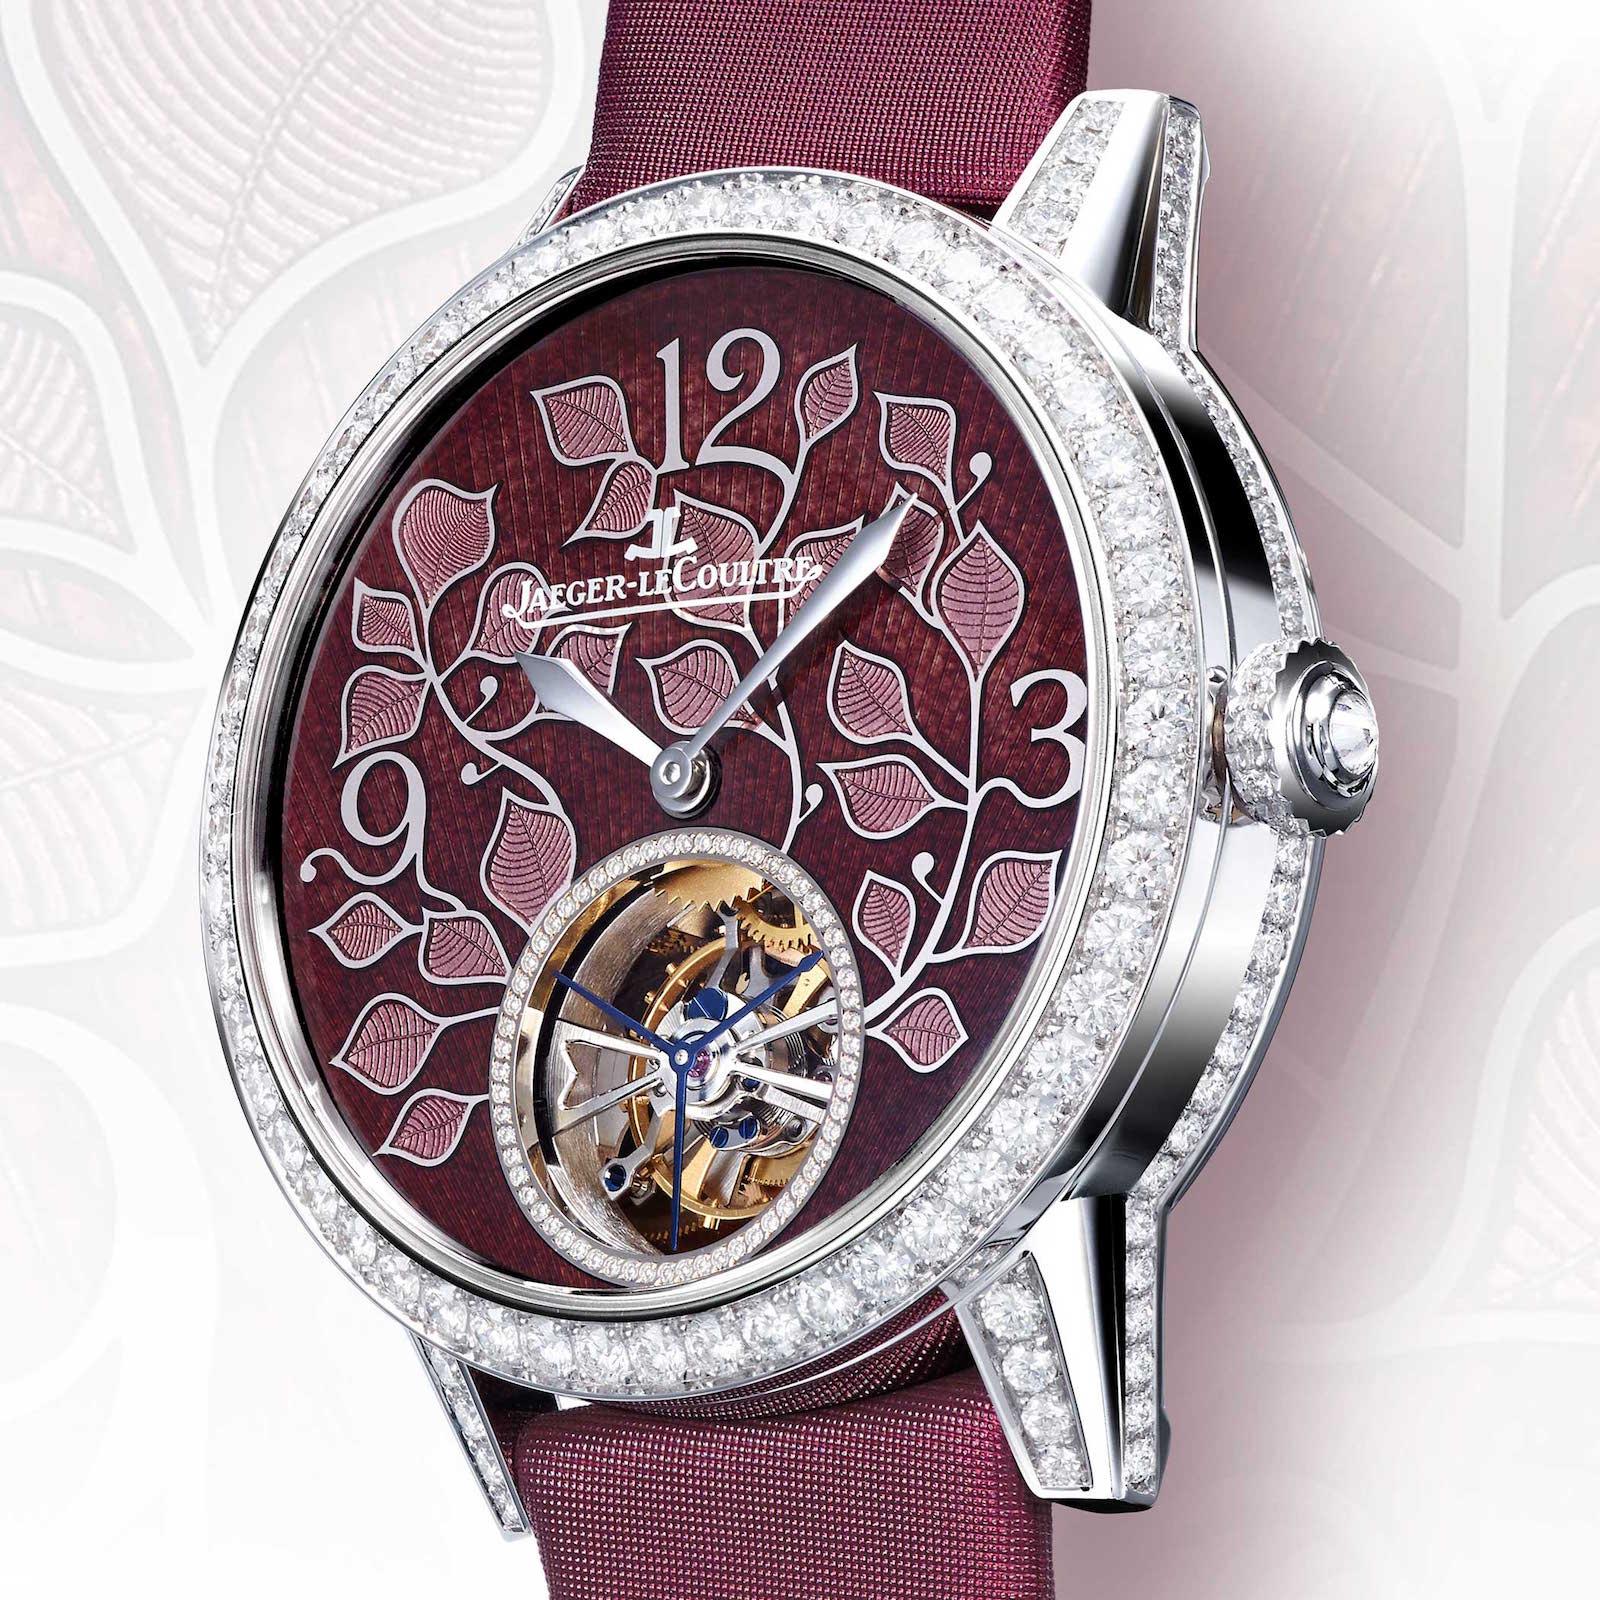 Rendez-Vous de Jaeger-LeCoultre Una colección de relojes muy femenina que responde a todas las expectativas.